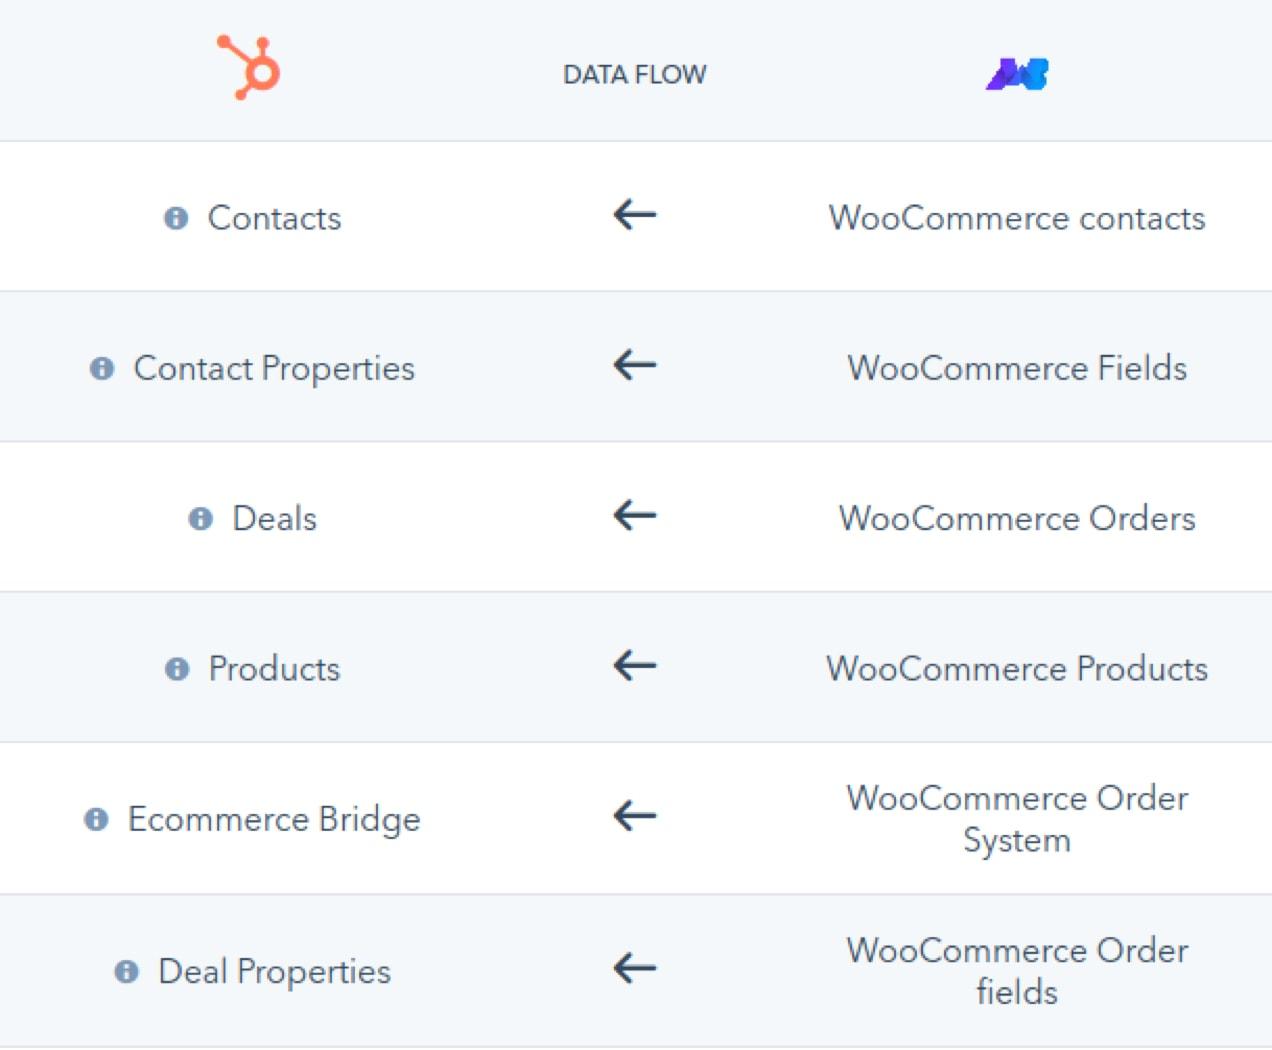 data flow between WooCommerce and HubSpot